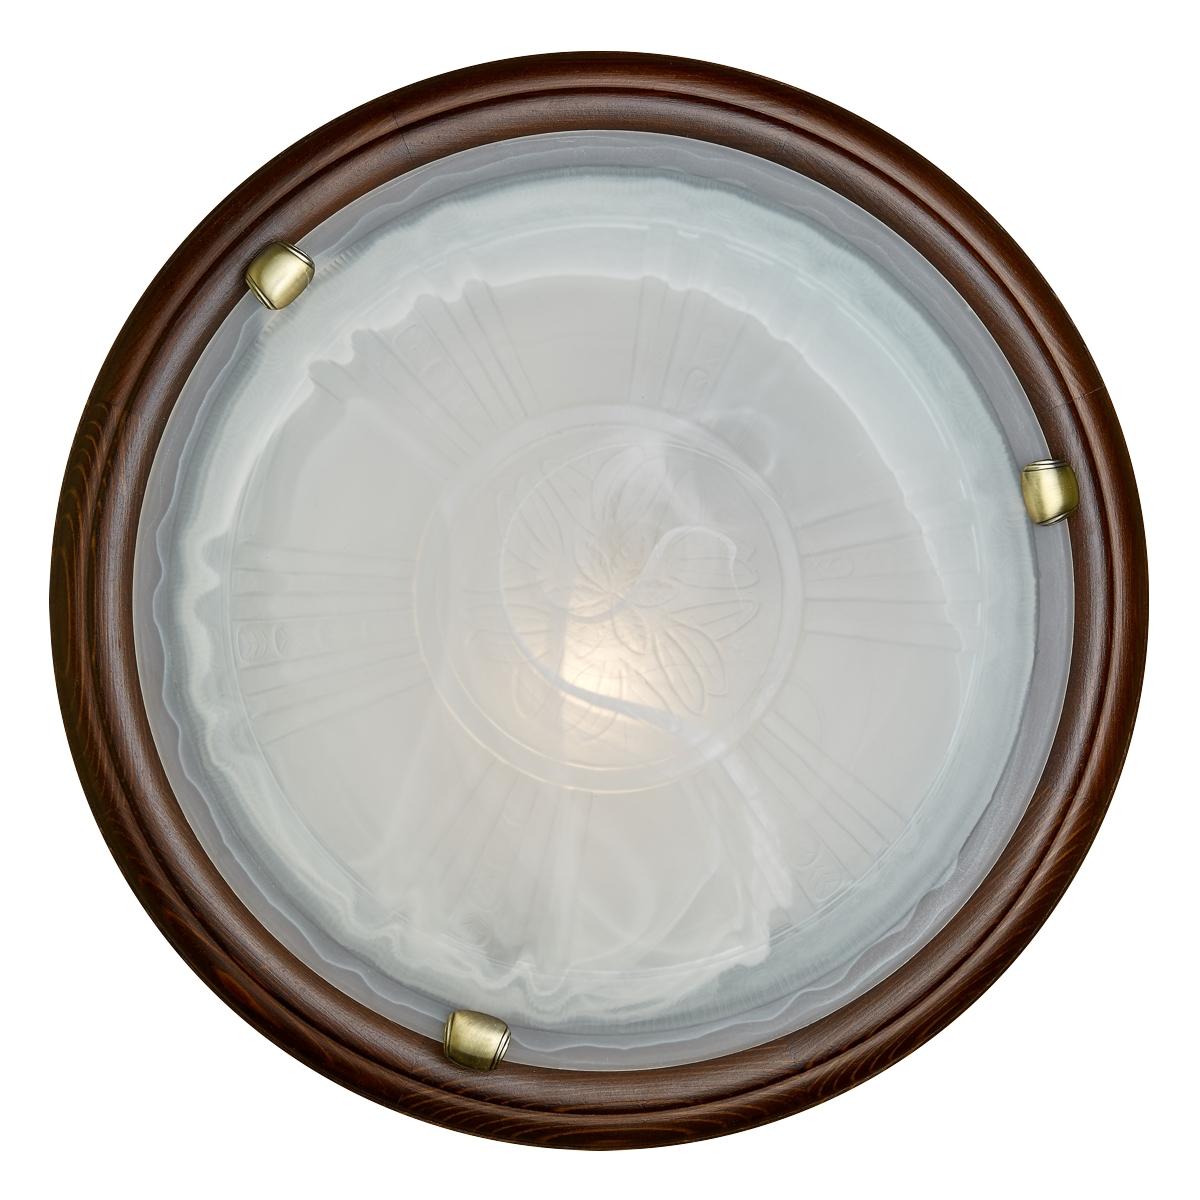 Потолочный светильник Sonex Lufe Wood 136/K - фото 3